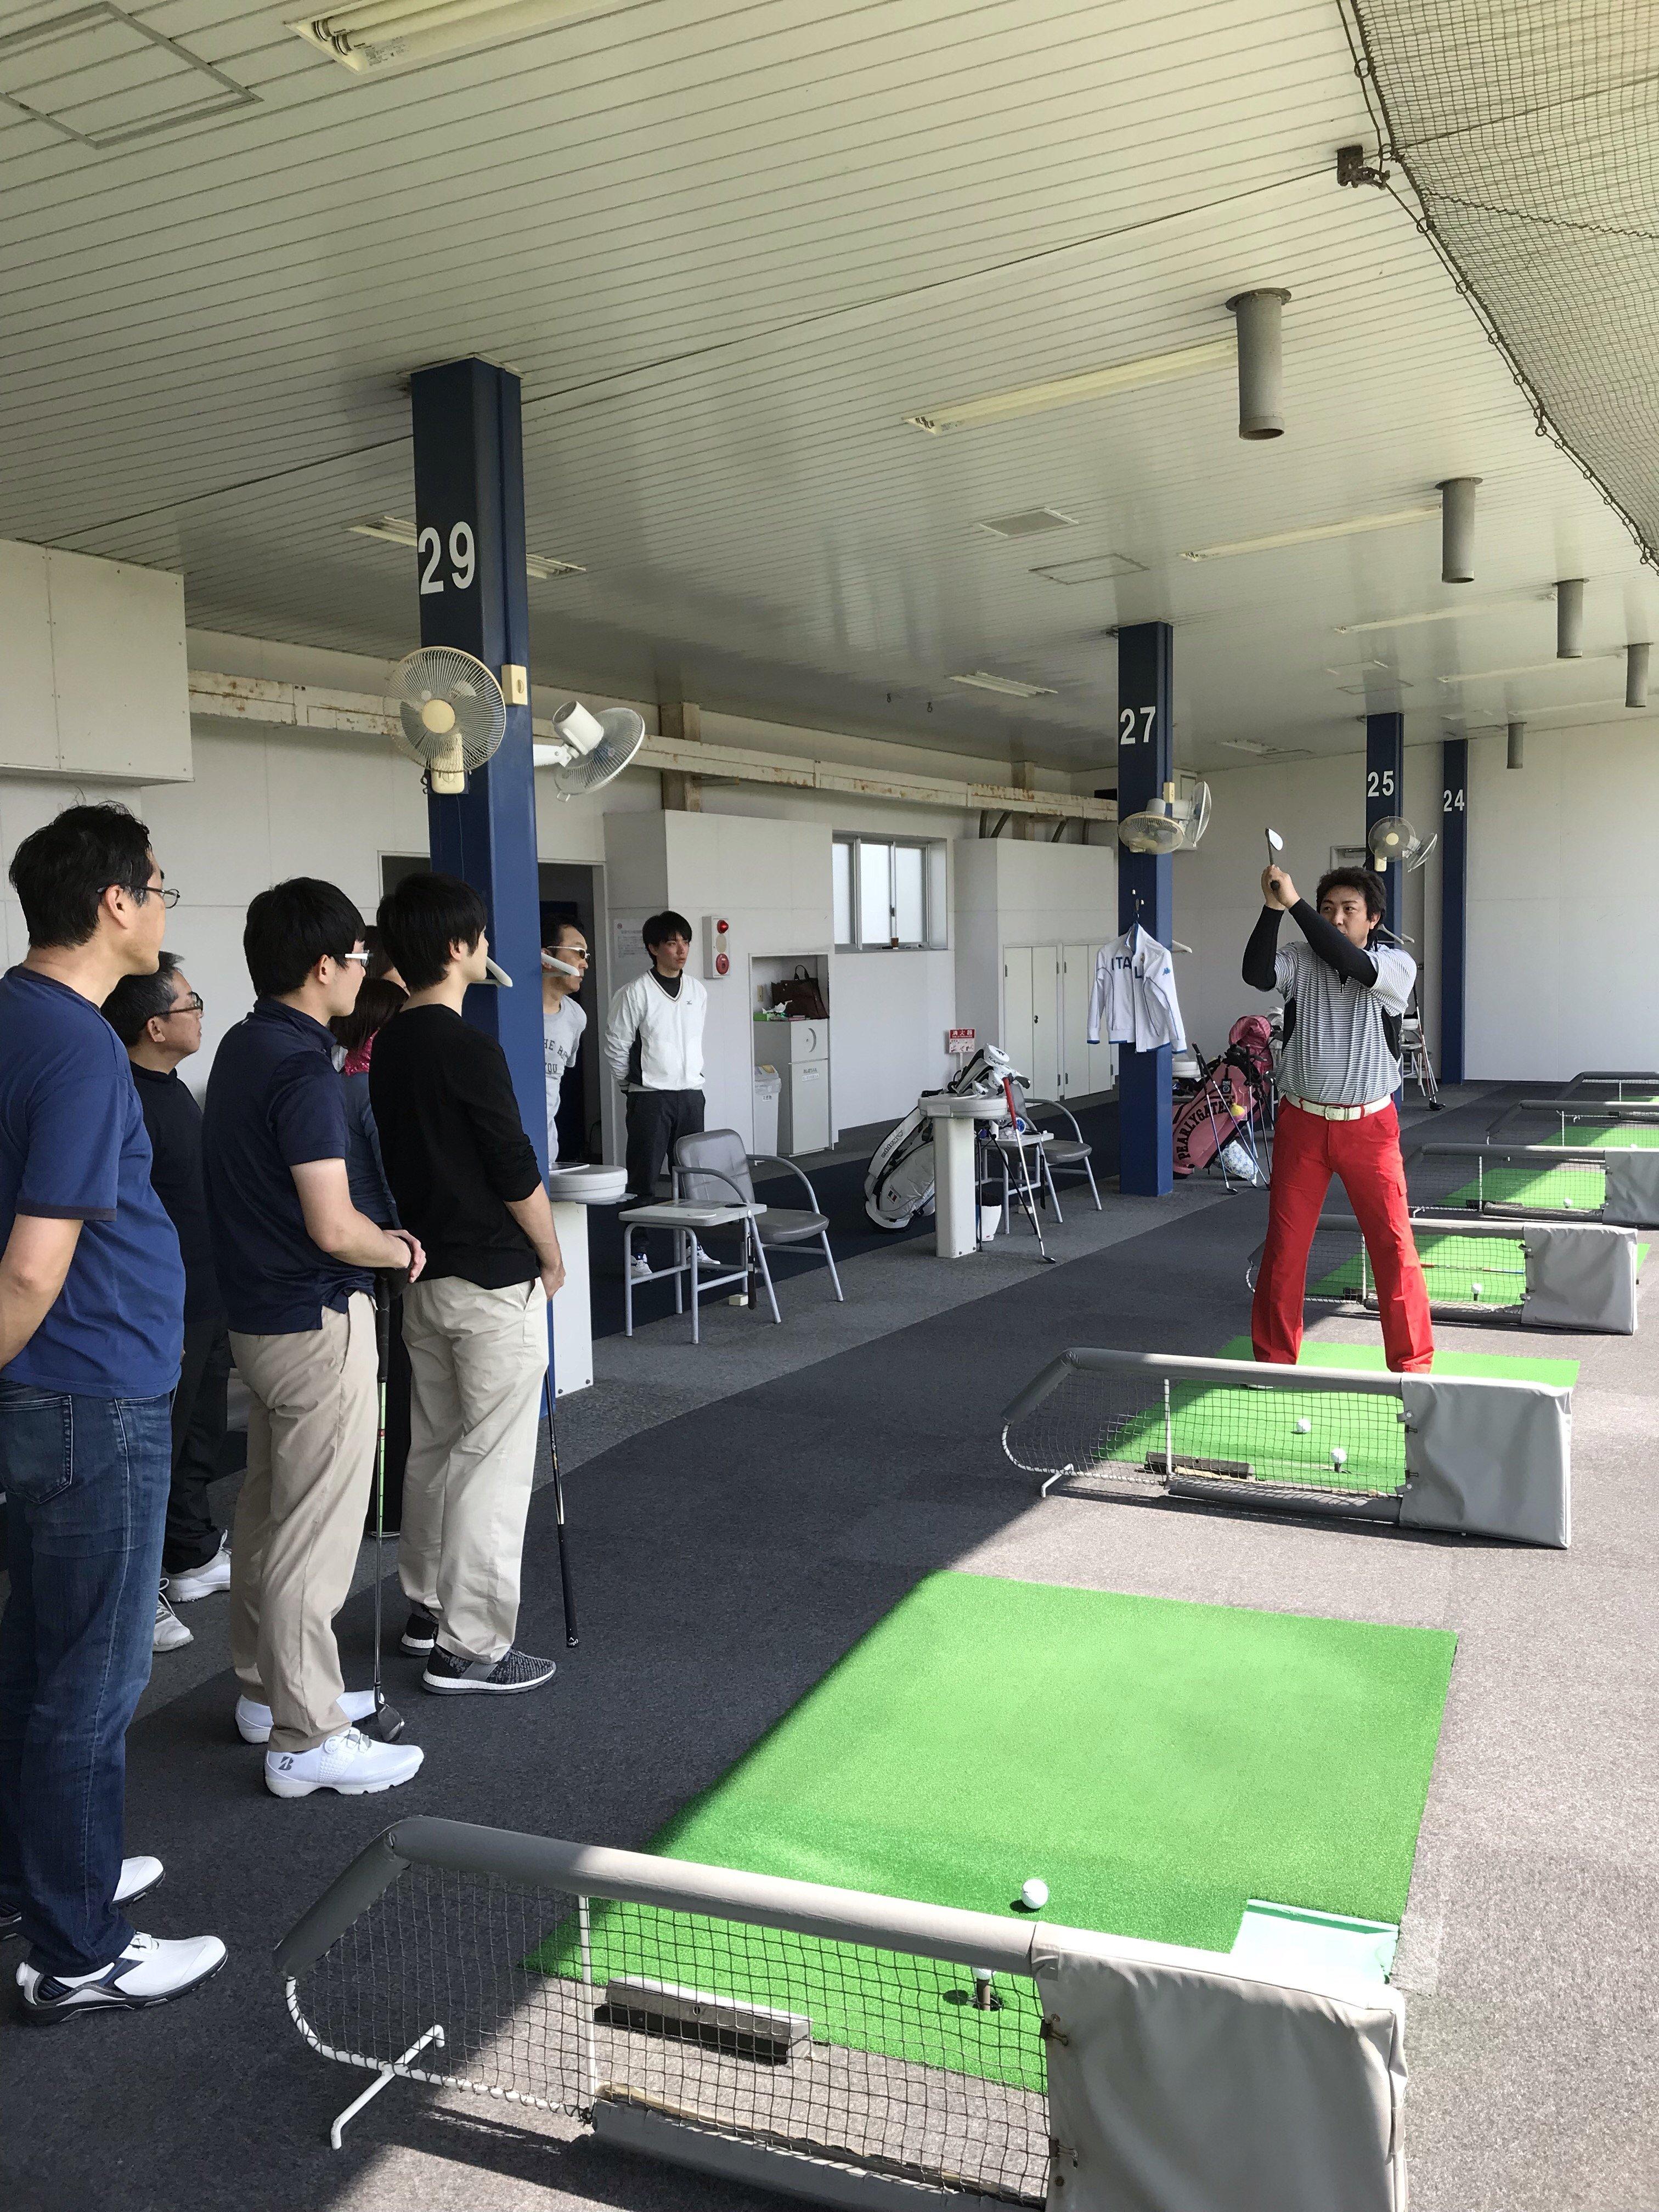 ティーチングスタッフゴルフスクールゴルフシティー校 1か月体験コース半額のイメージその1